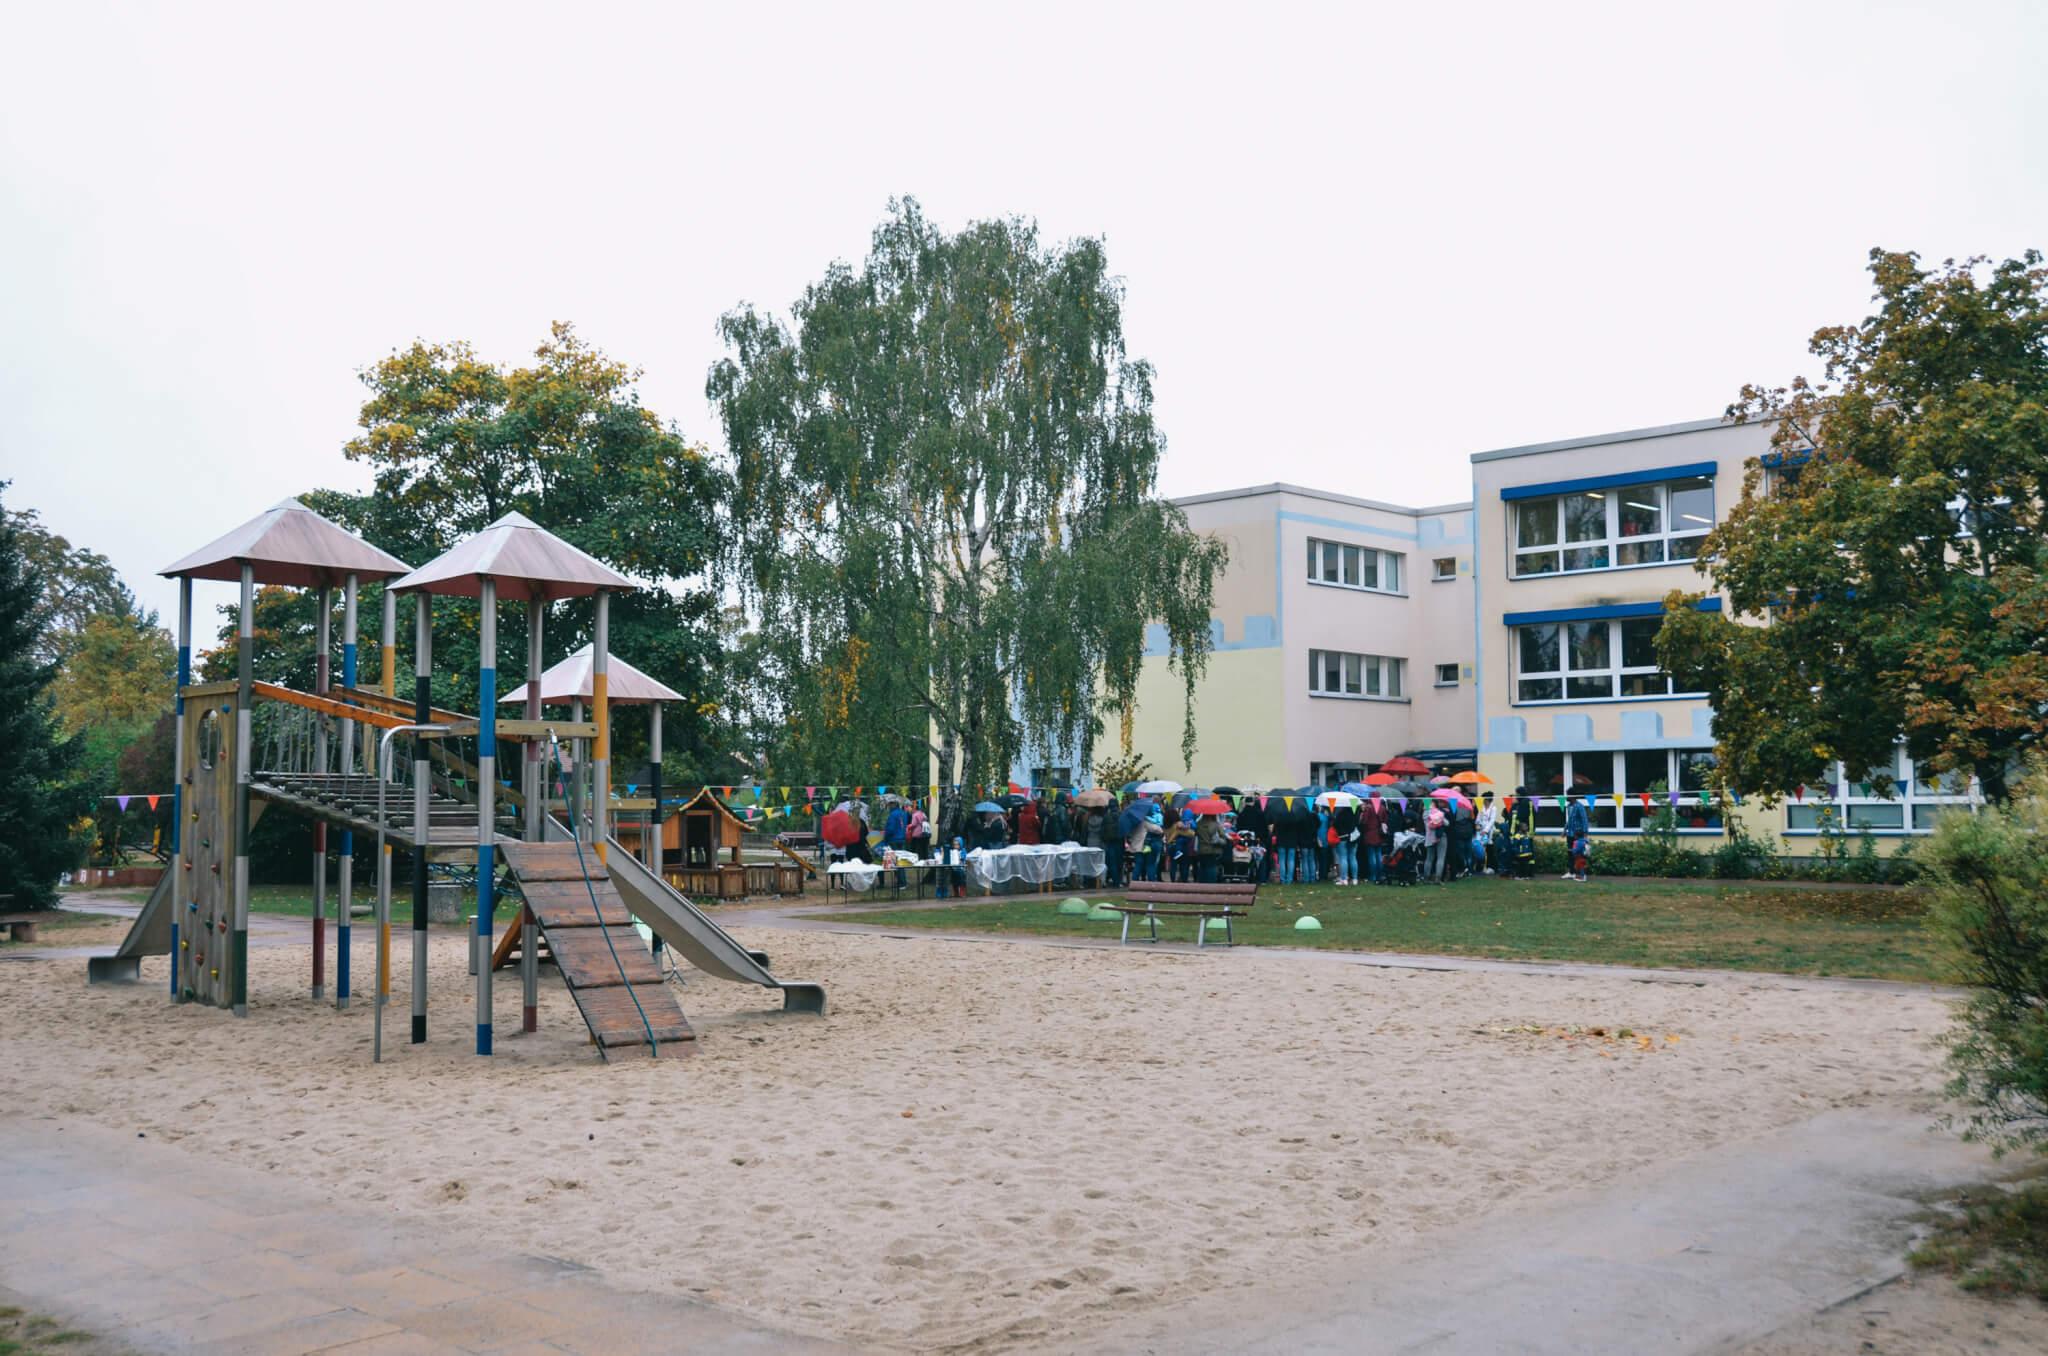 kita märchenland 35-0802